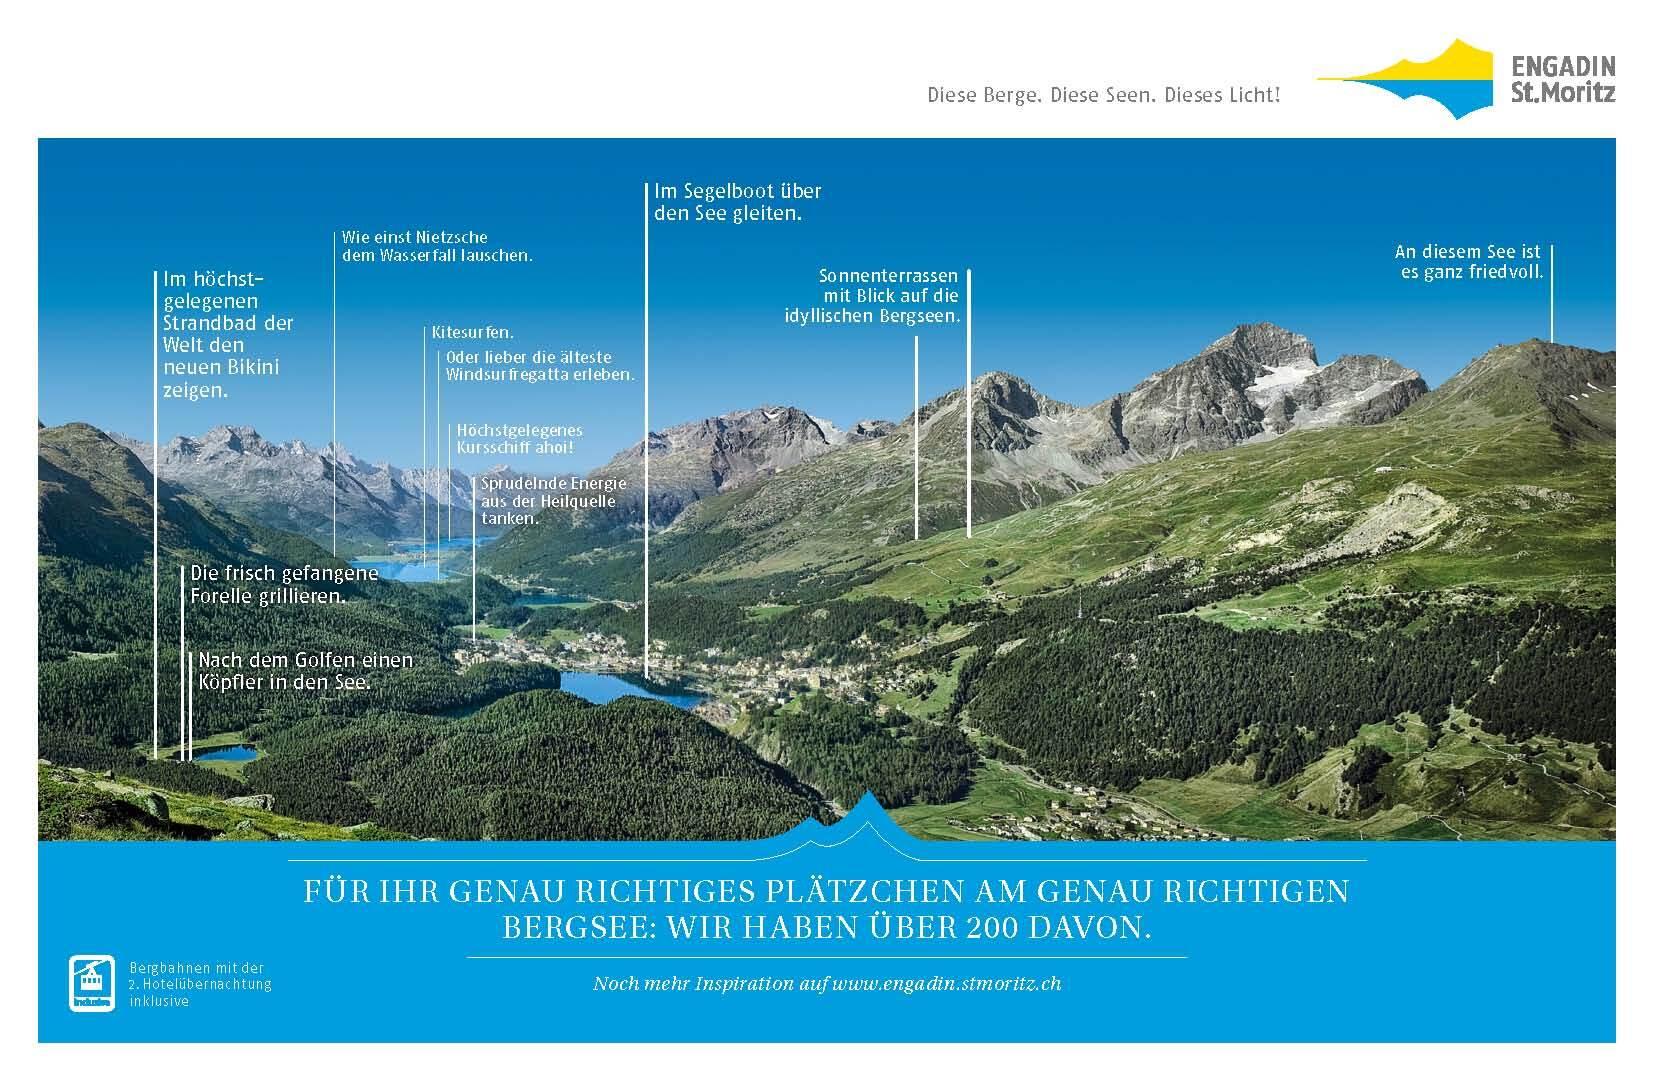 Sommer in Engadin St. Moritz Slide 1